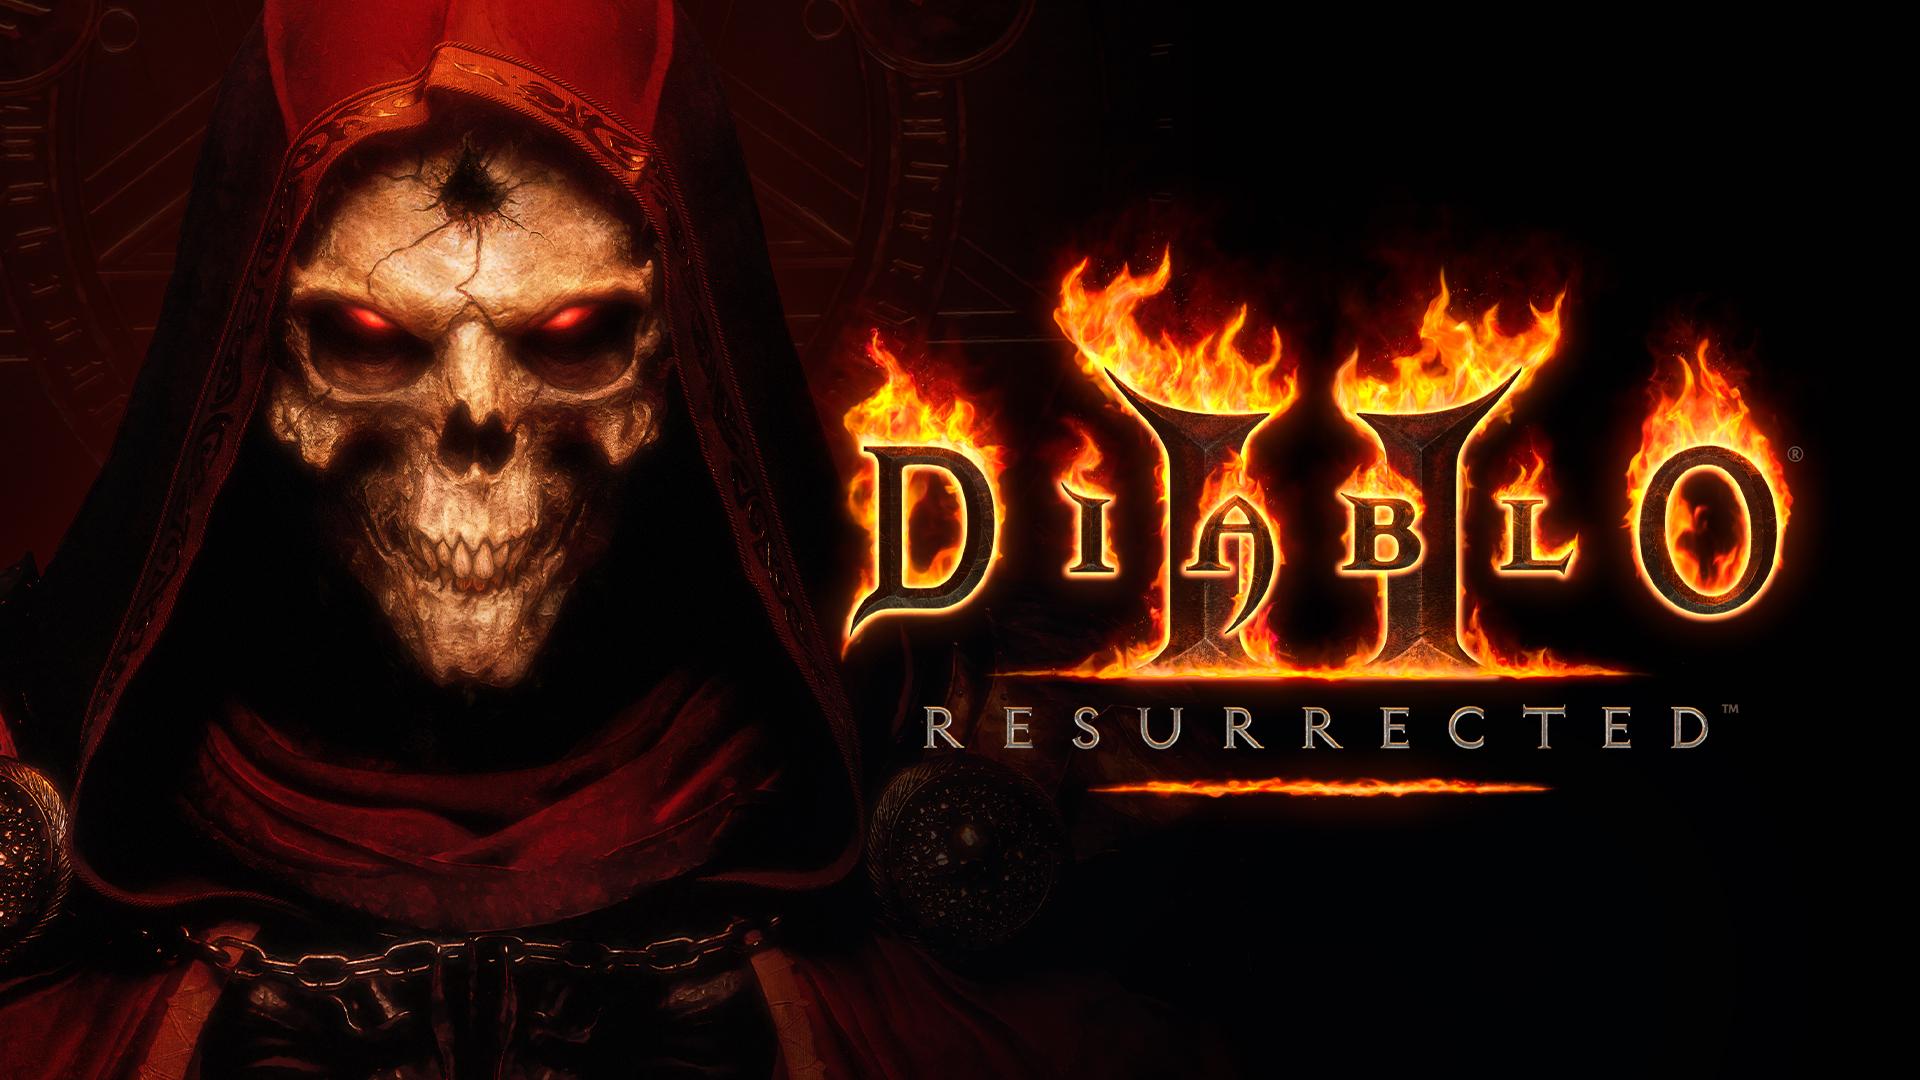 Серия турниров от GoodGame по Diablo II: Ressurected с призовым фондом 360 000 рублей